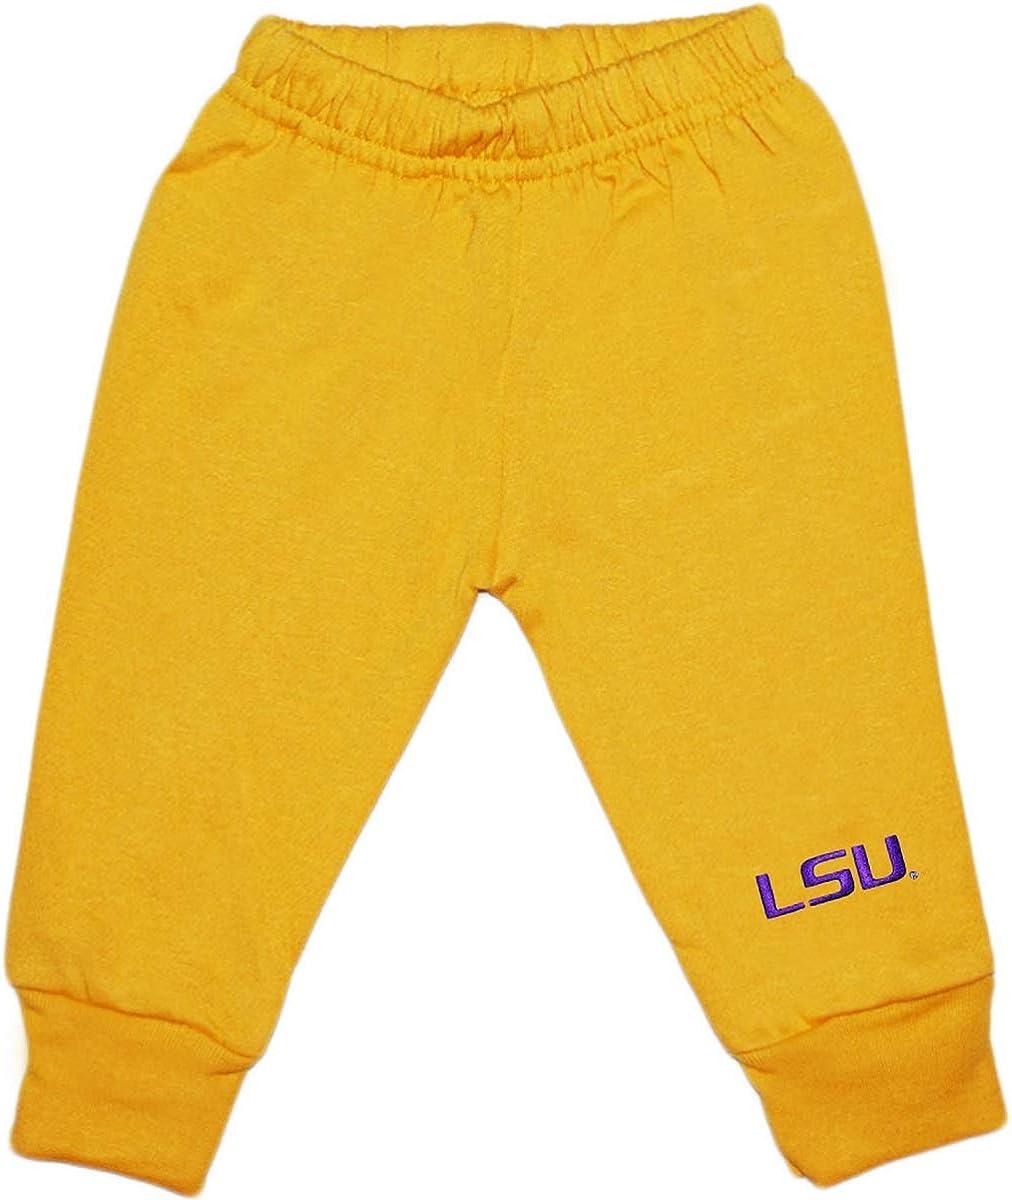 Creative Knitwear Louisiana State University LSU Baby and Toddler Sweat Pants